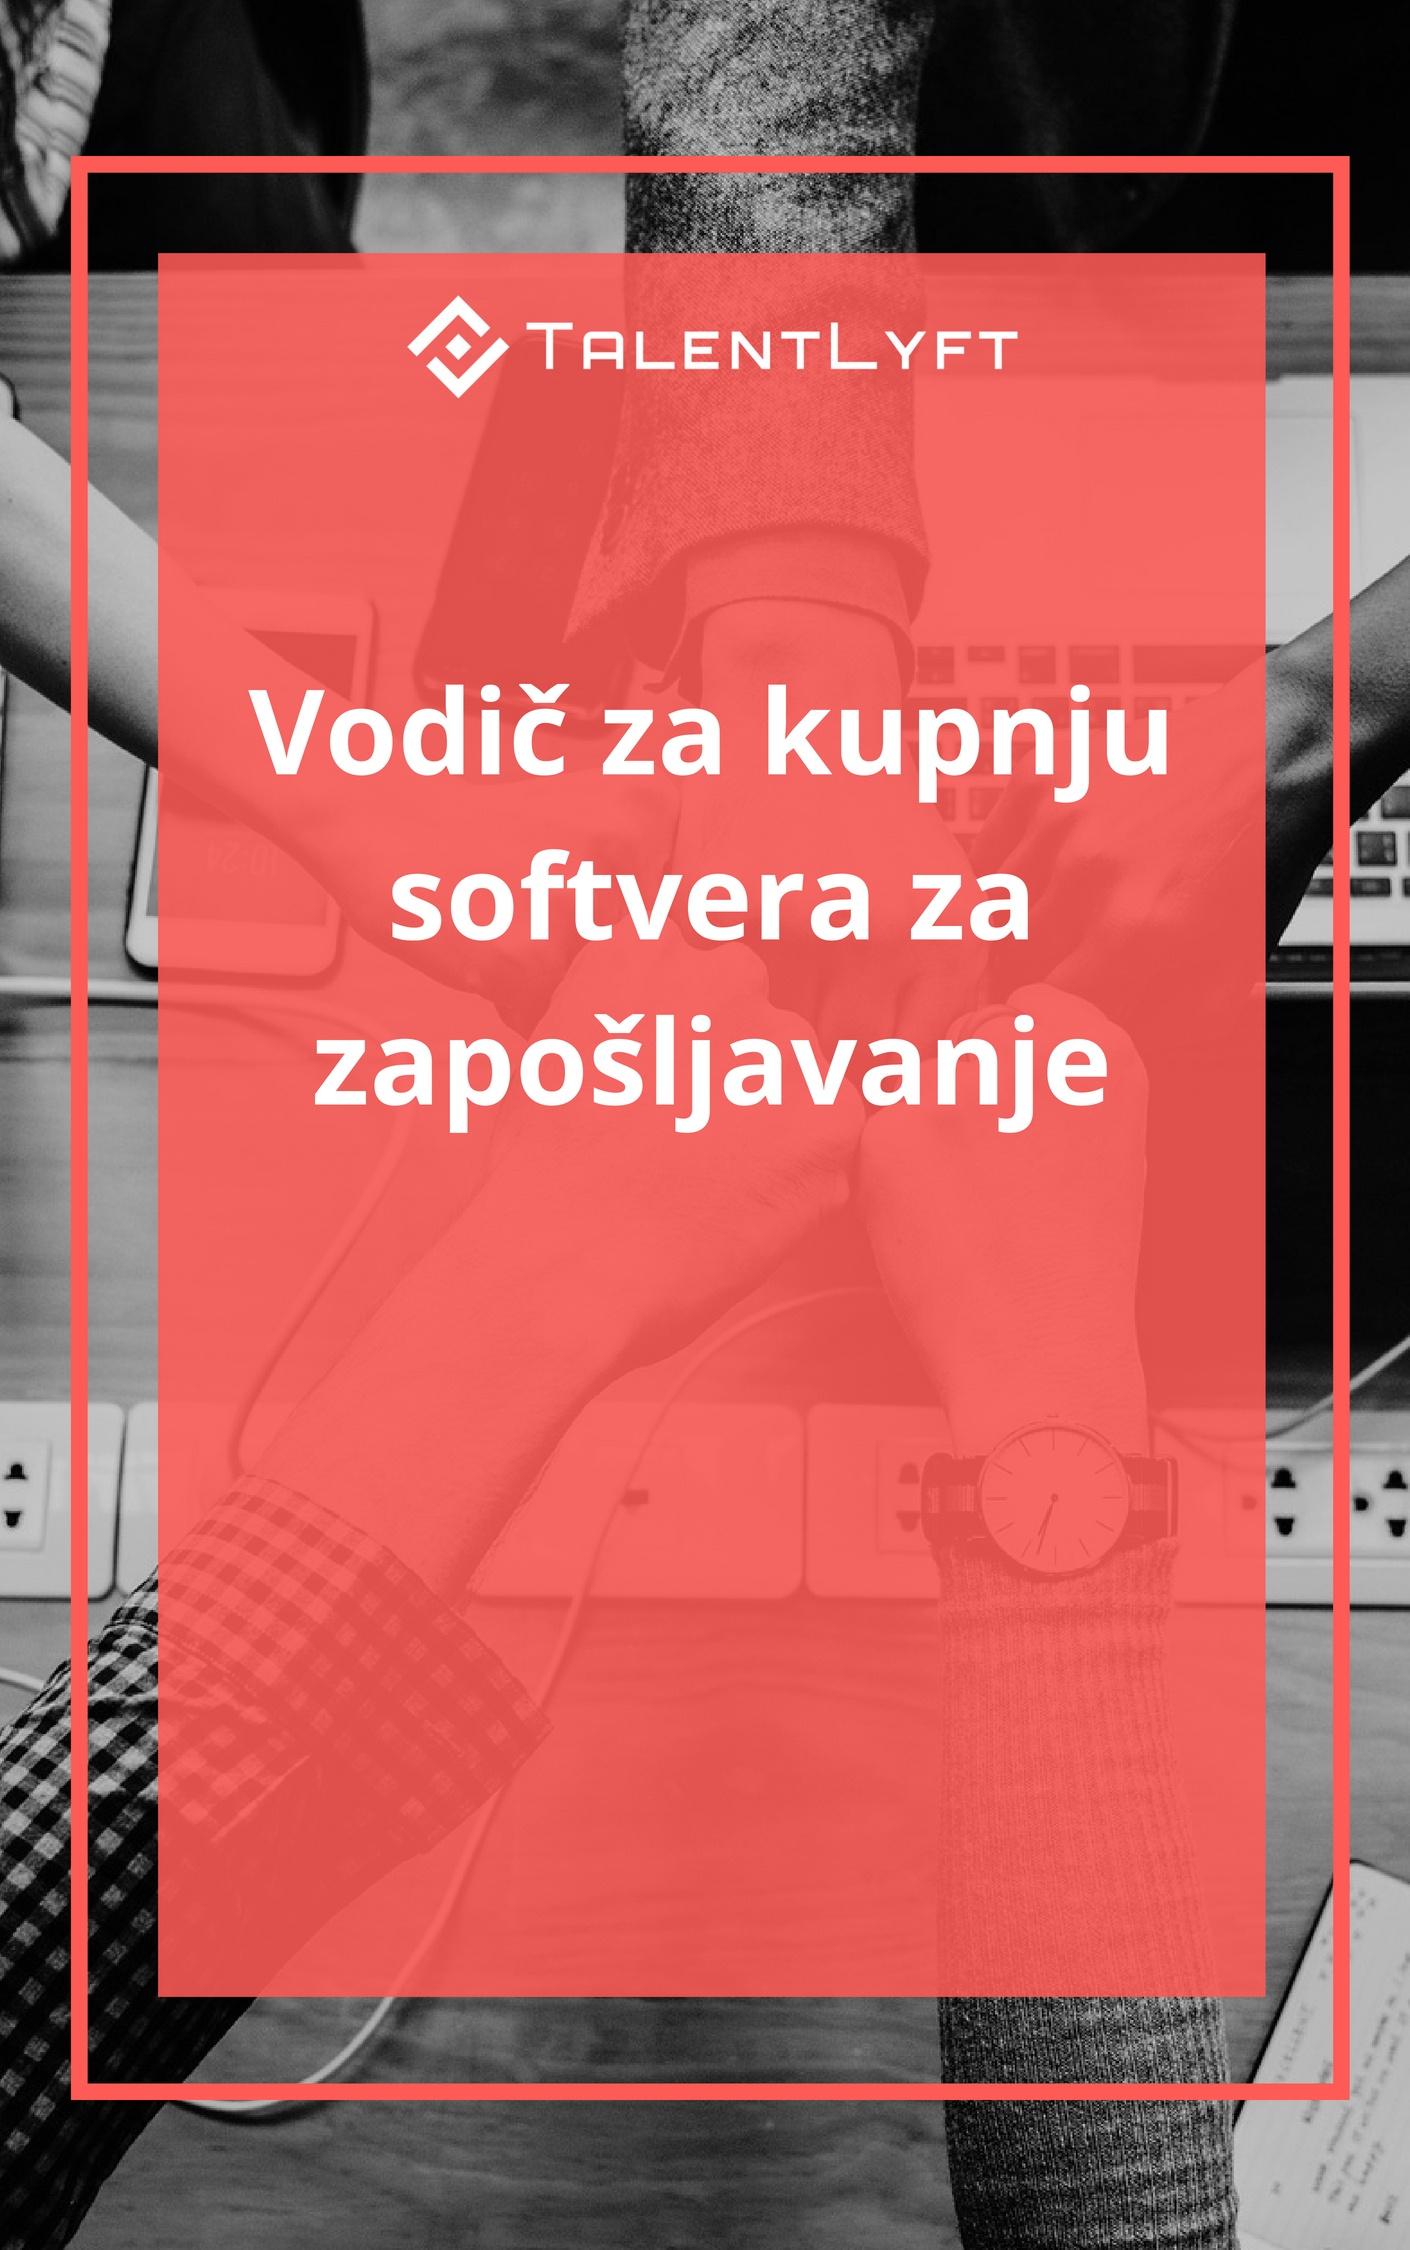 Vodič za kupnju softvera za zapošljavanje.jpg